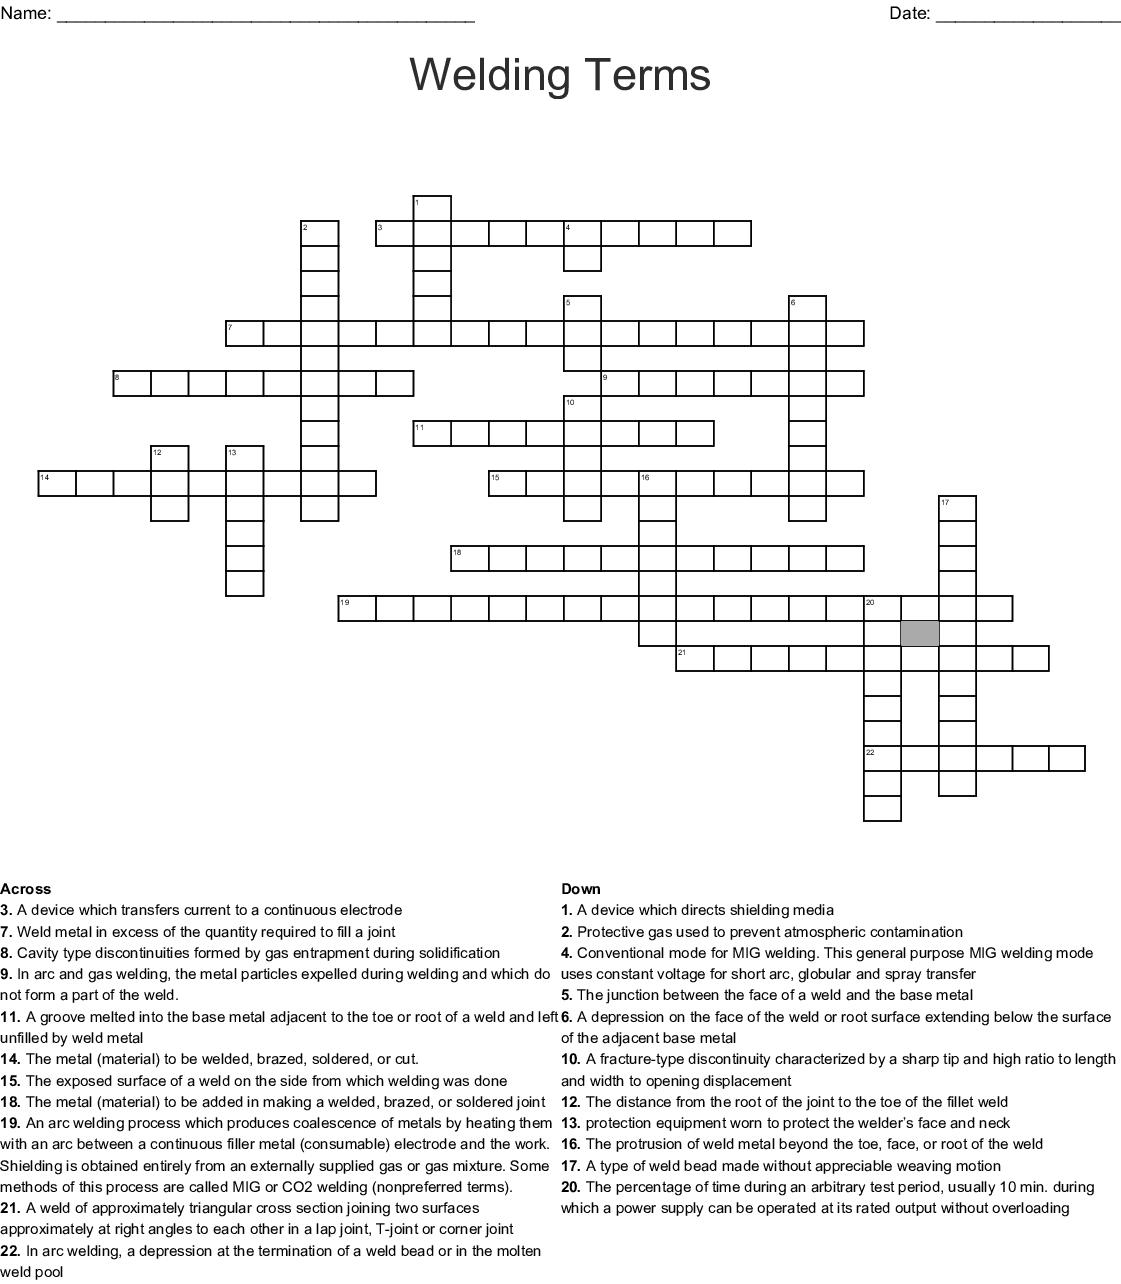 Welding Terms Crossword - WordMint